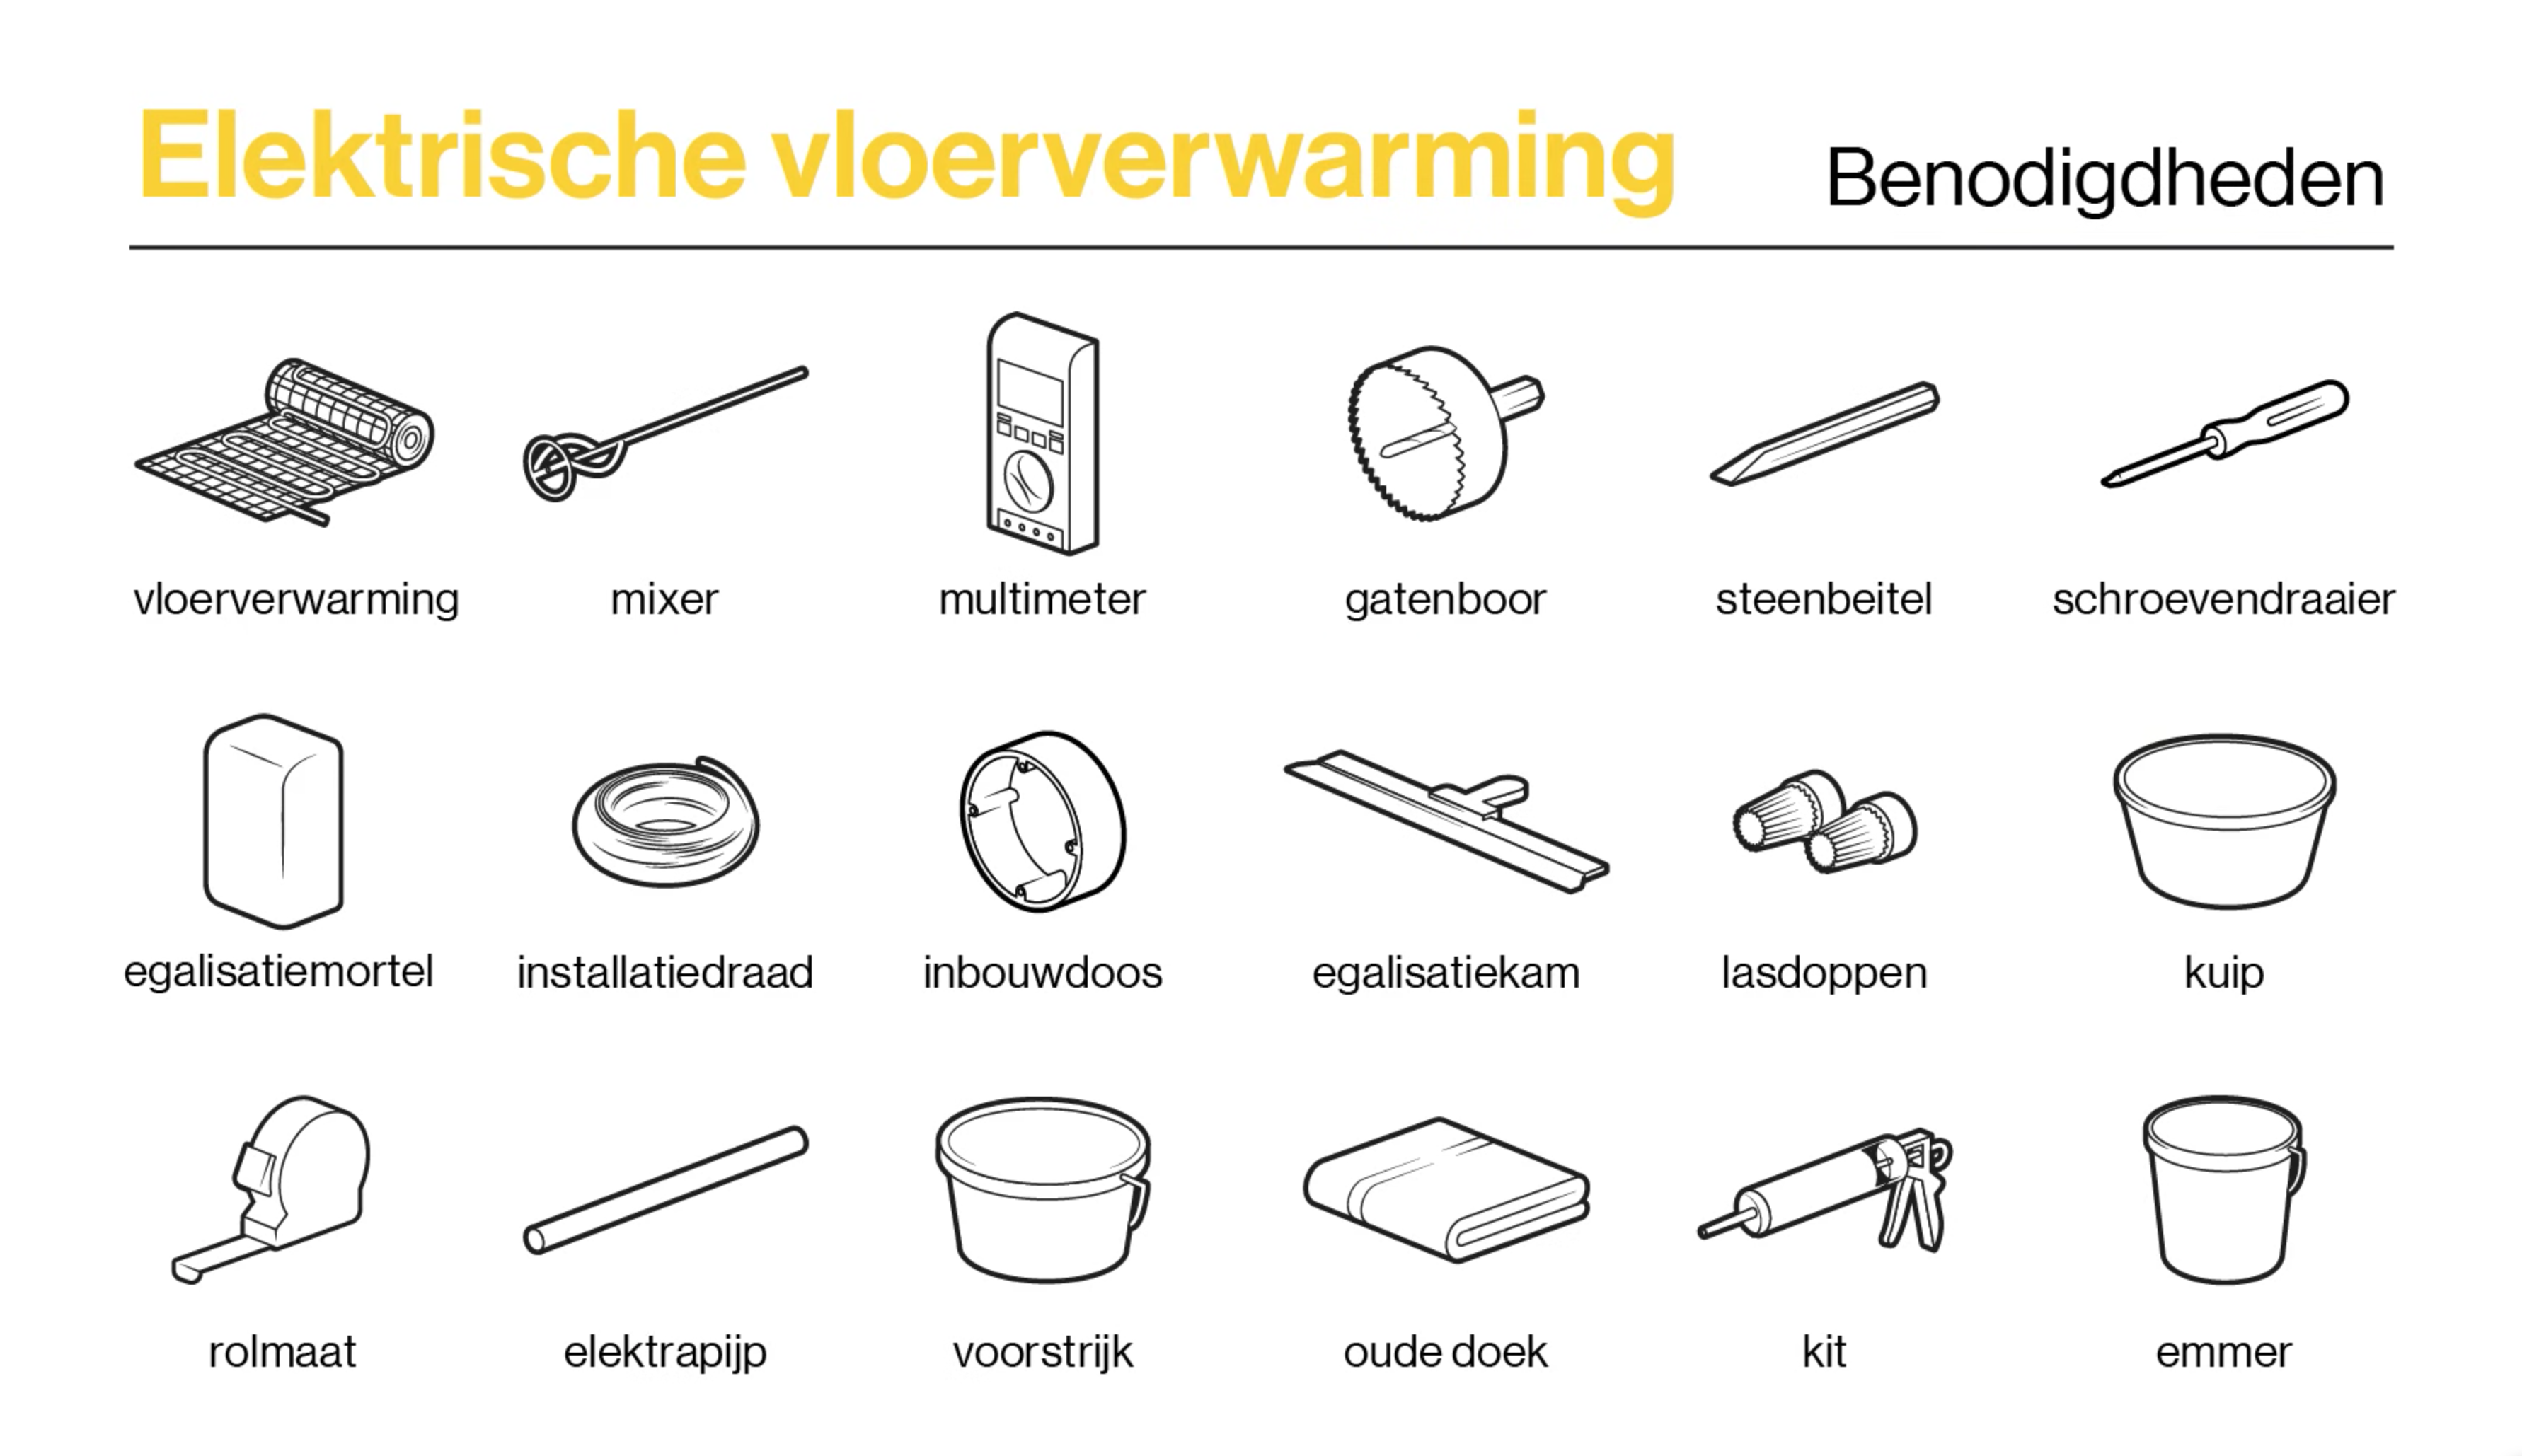 https://vdm-prd01.praxiscdn.nl/vdm/media/picture/picture/22548/vloerverwarming_zelf_leggen-materialen.png